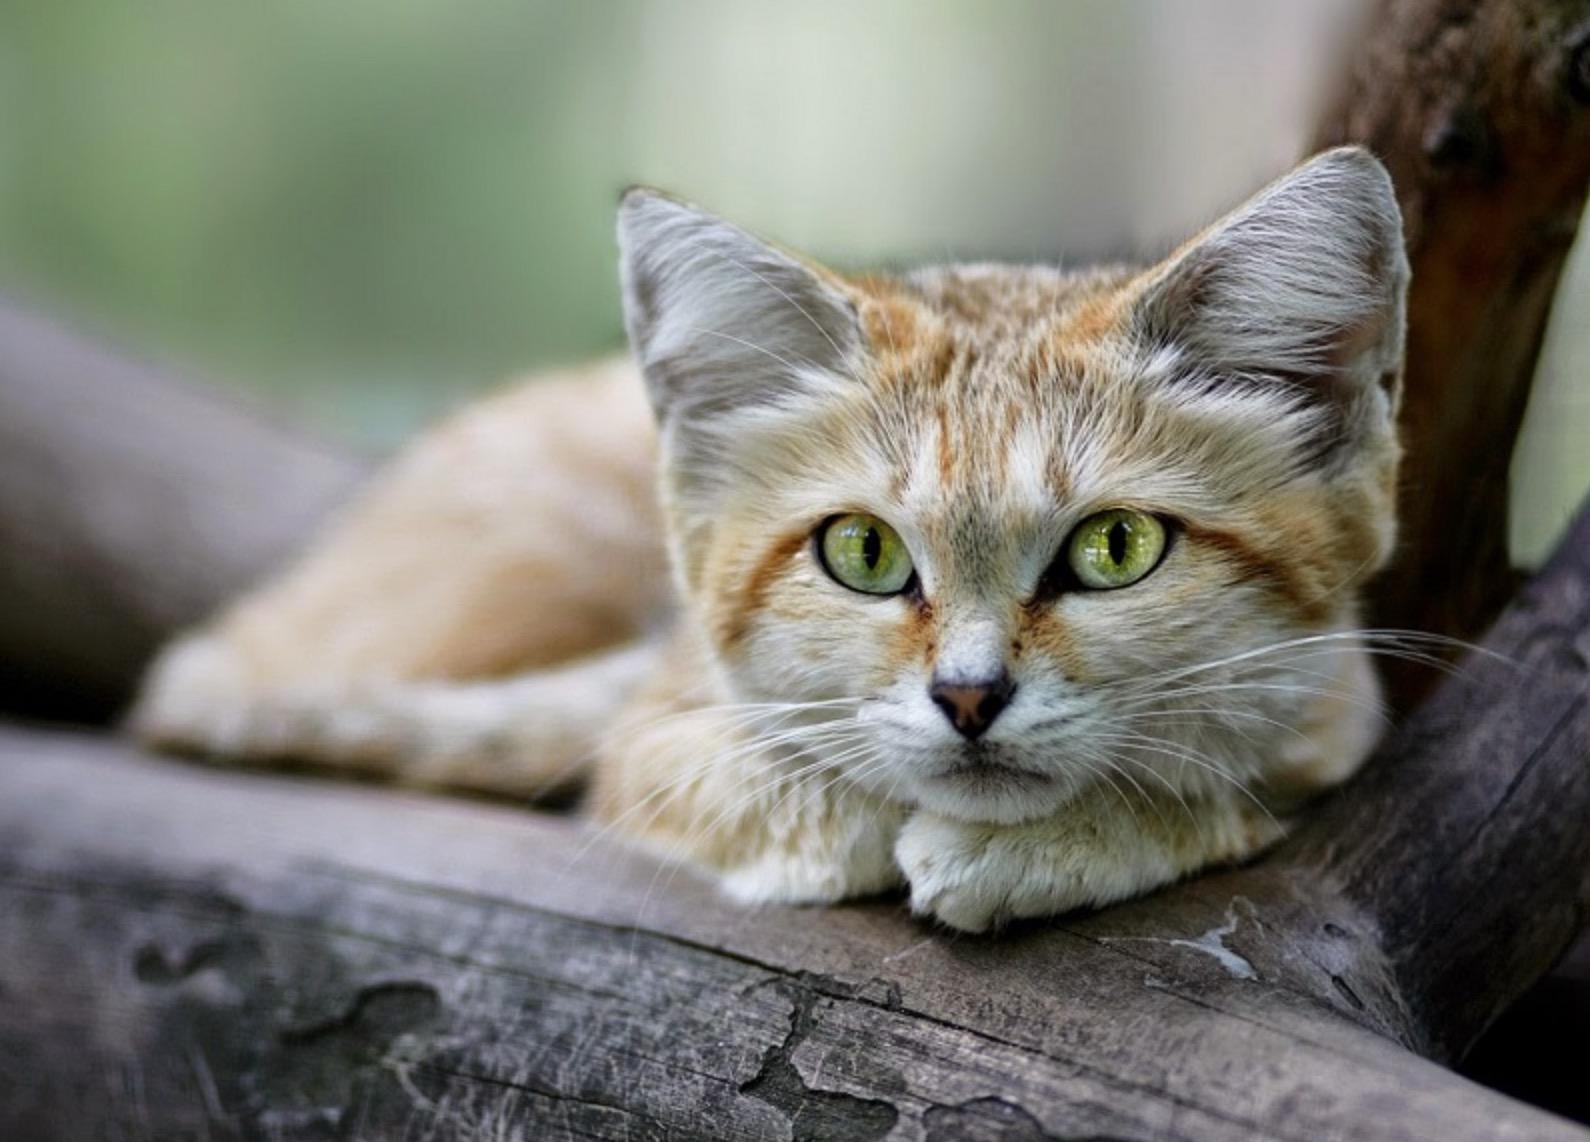 Как вы ошибаетесь насчёт кошачьих глаз